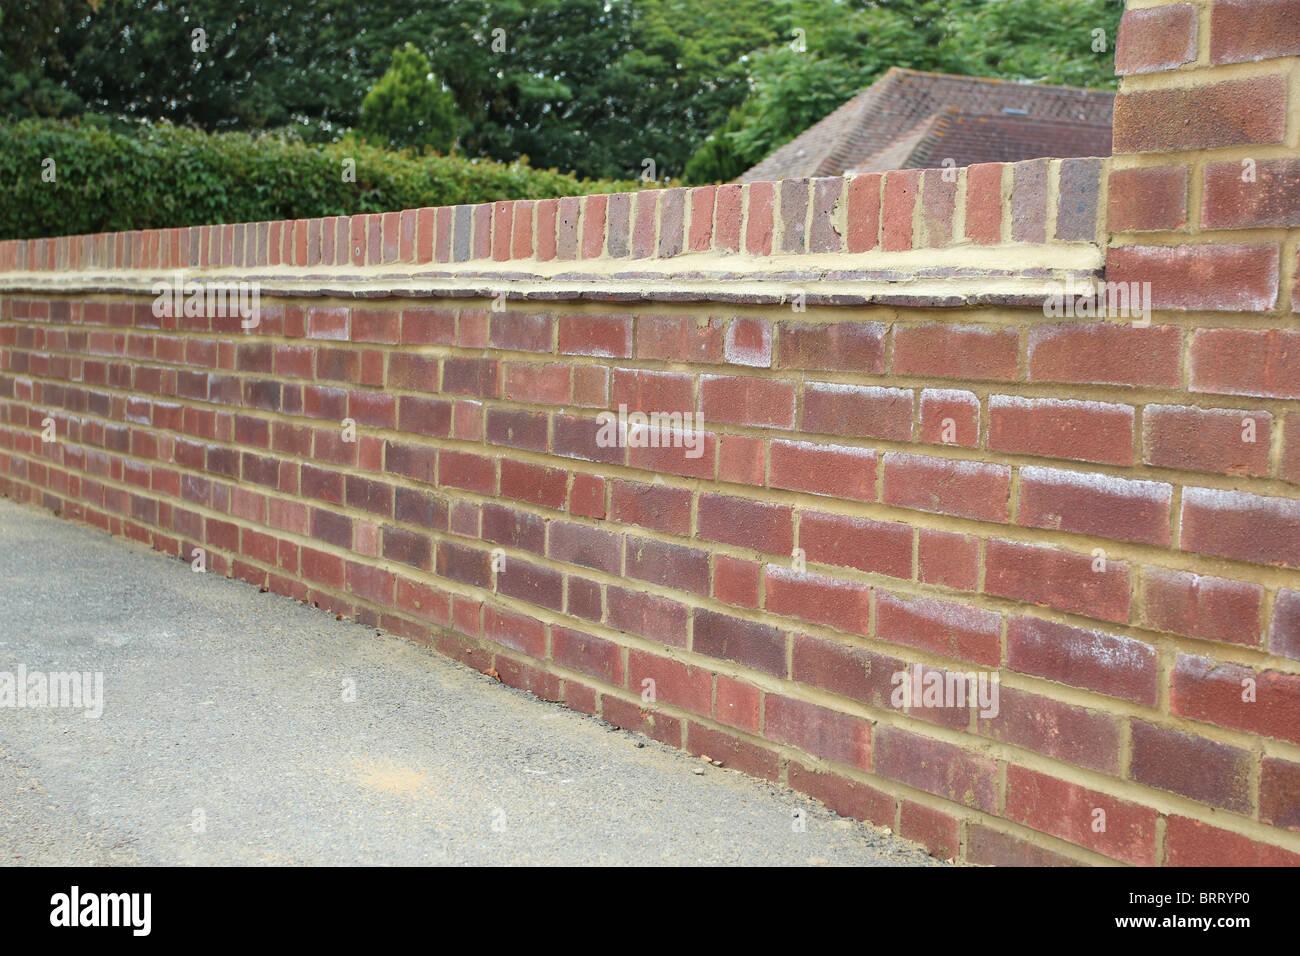 Recentemente costruito un muro di mattoni nella parte anteriore di una casa. Immagini Stock